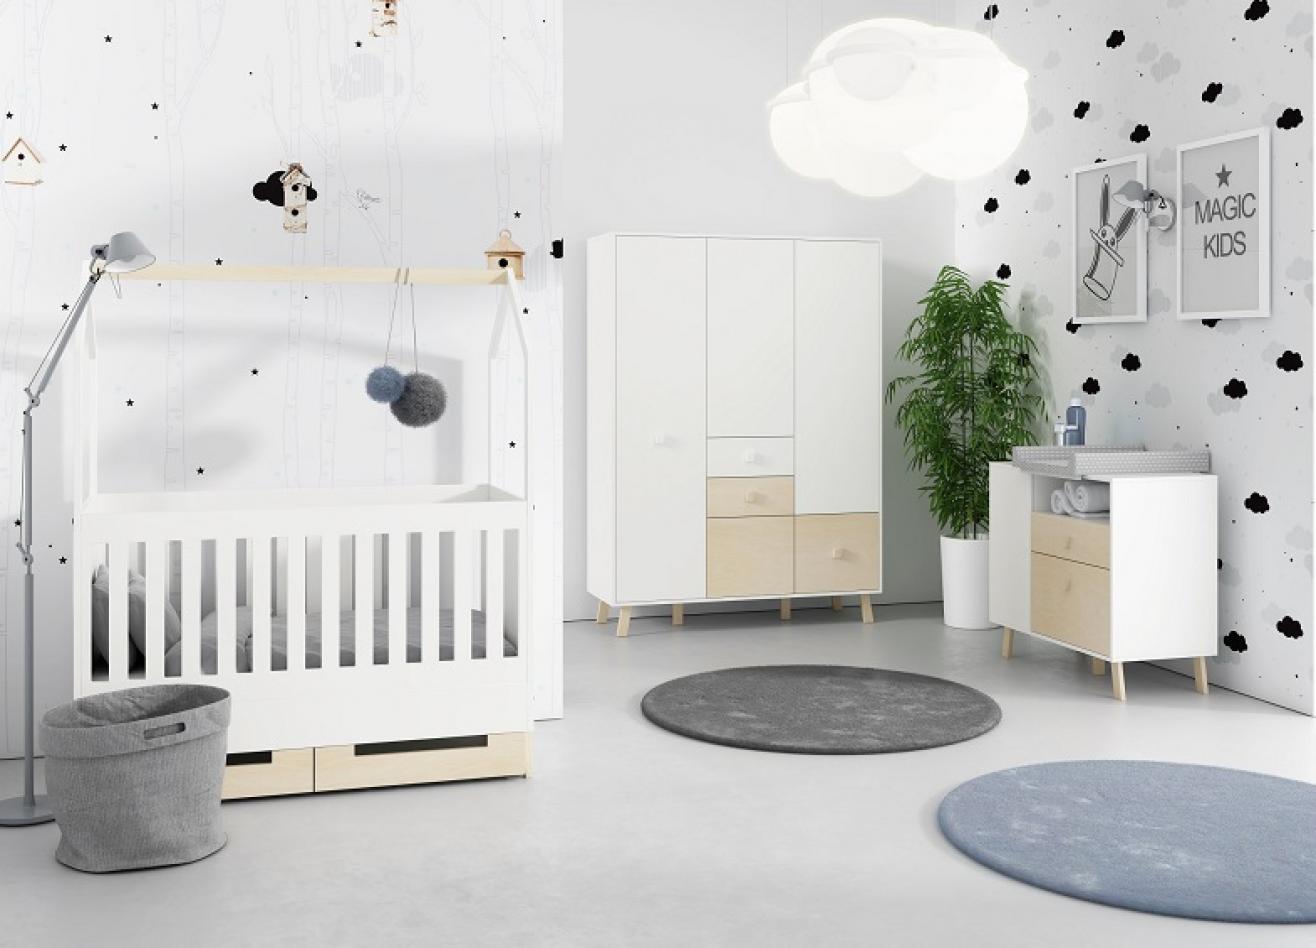 Коллекция детской мебели Magi